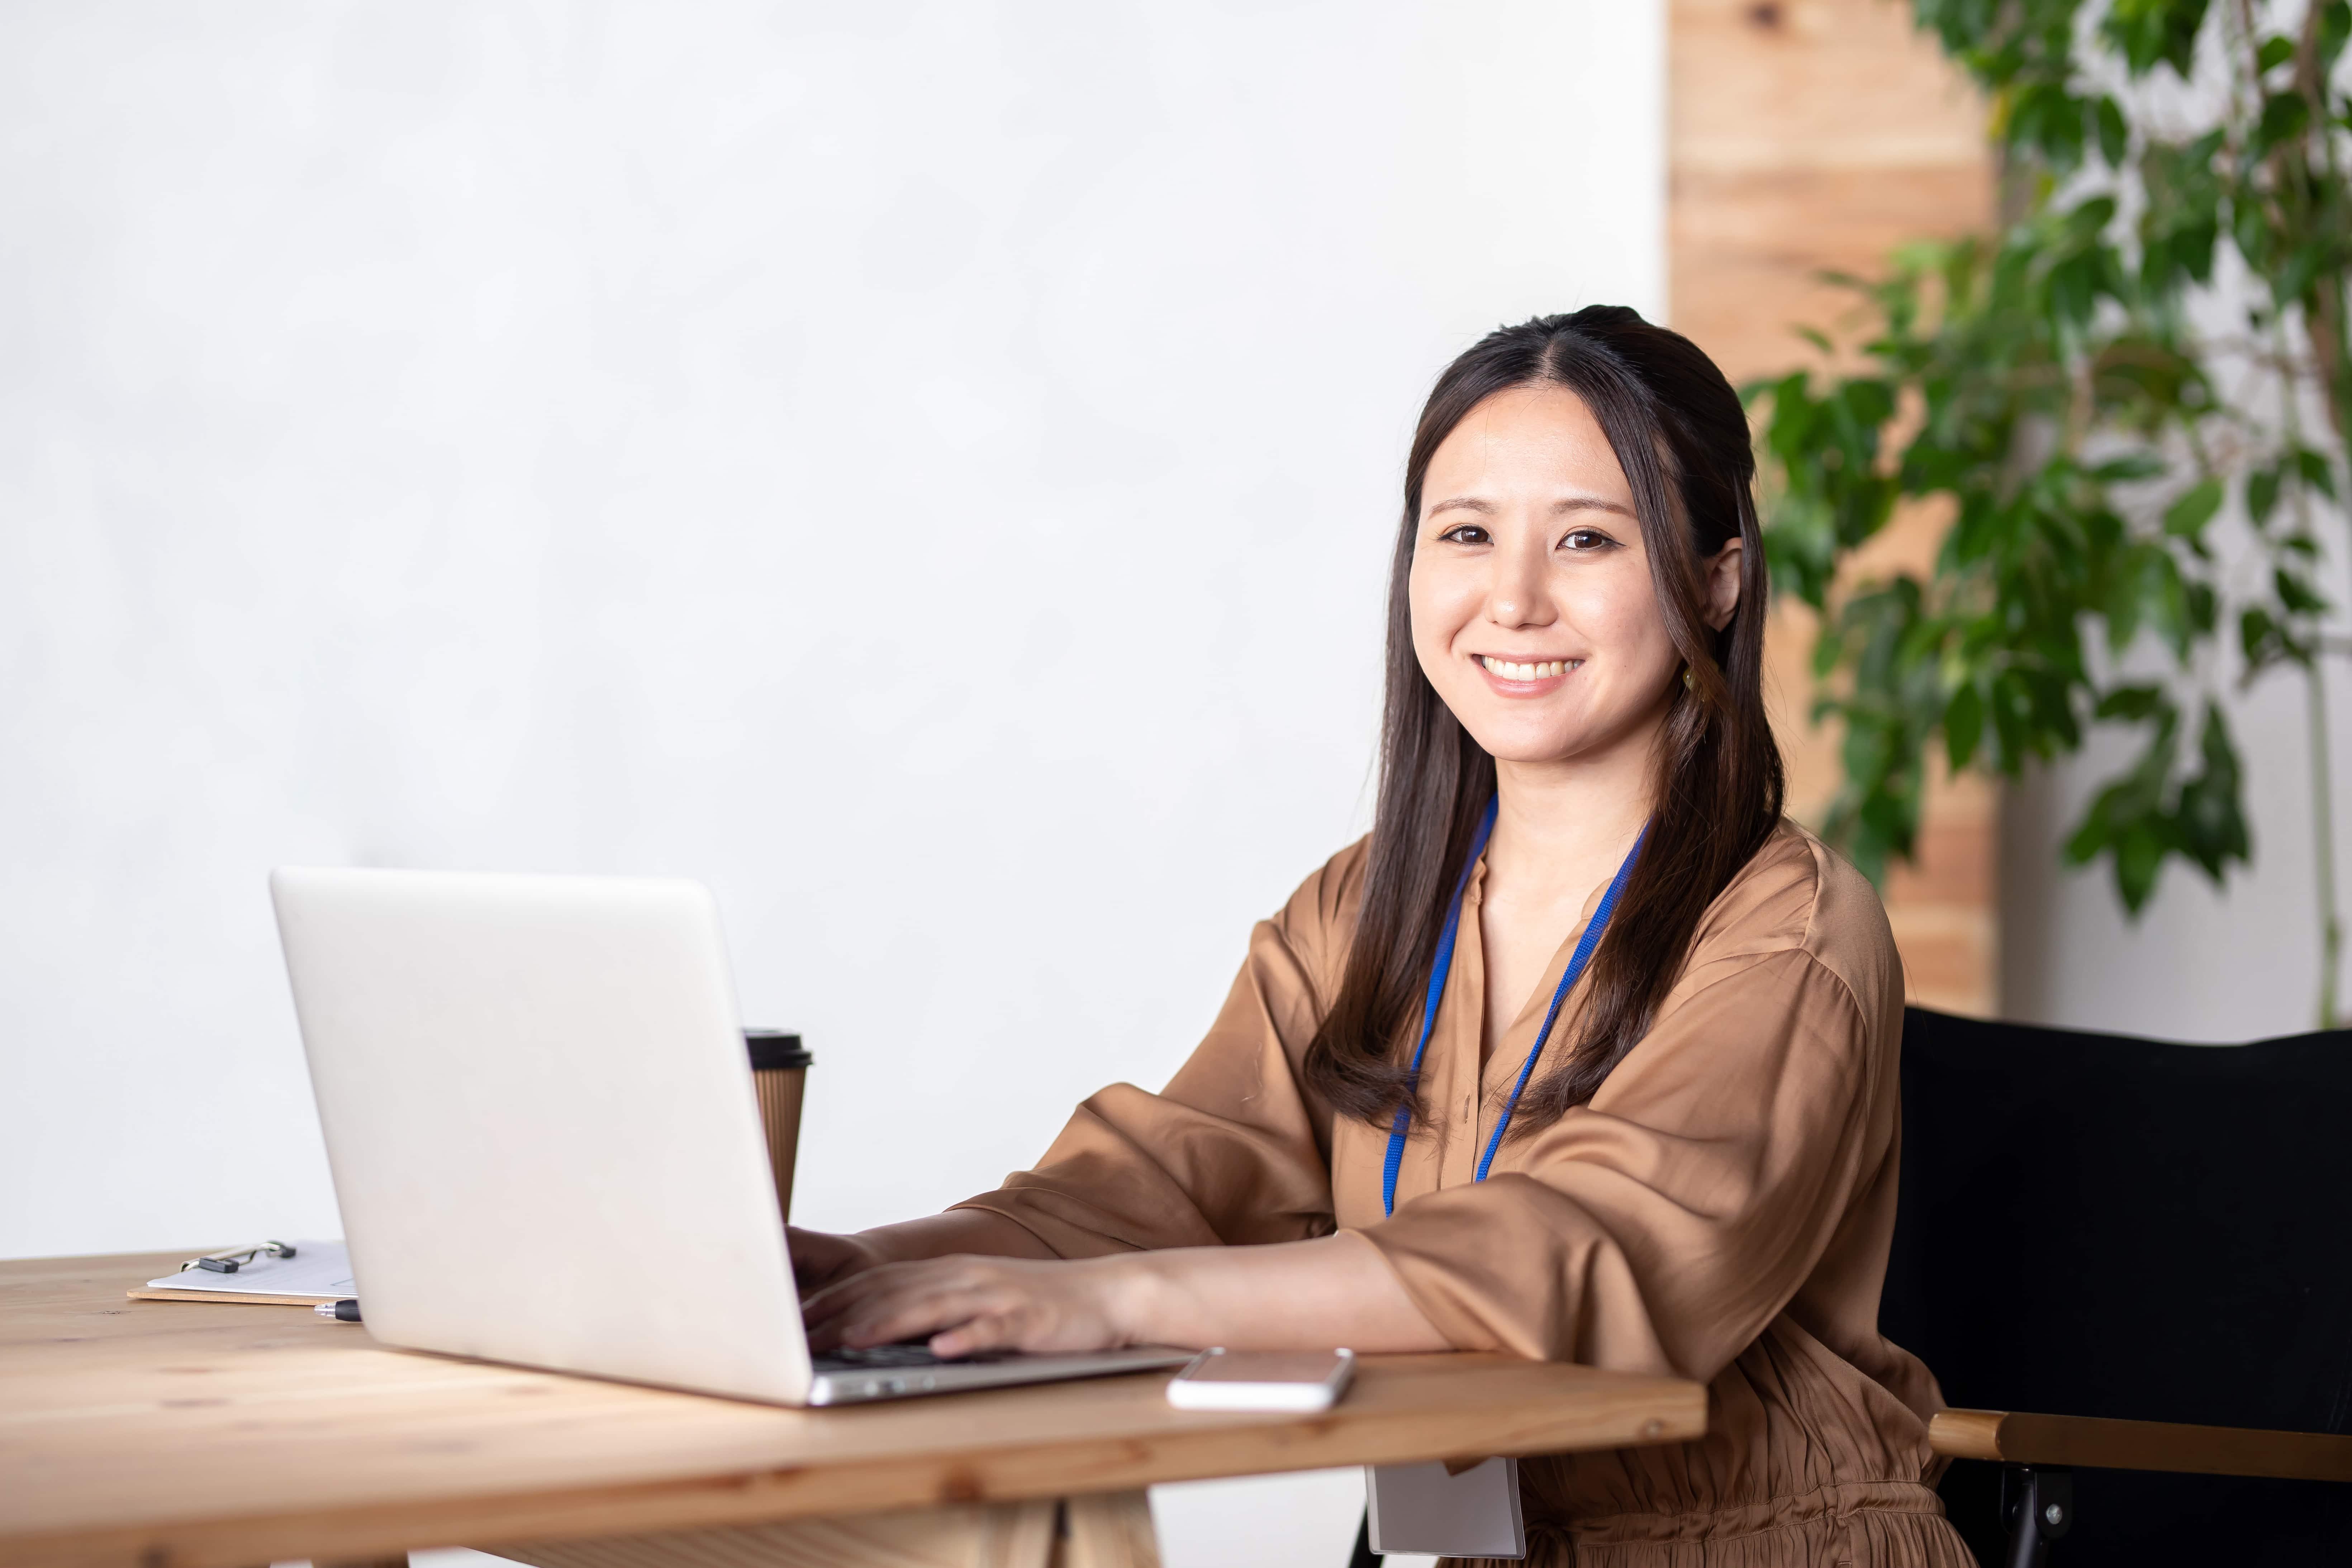 パソコン前の女性